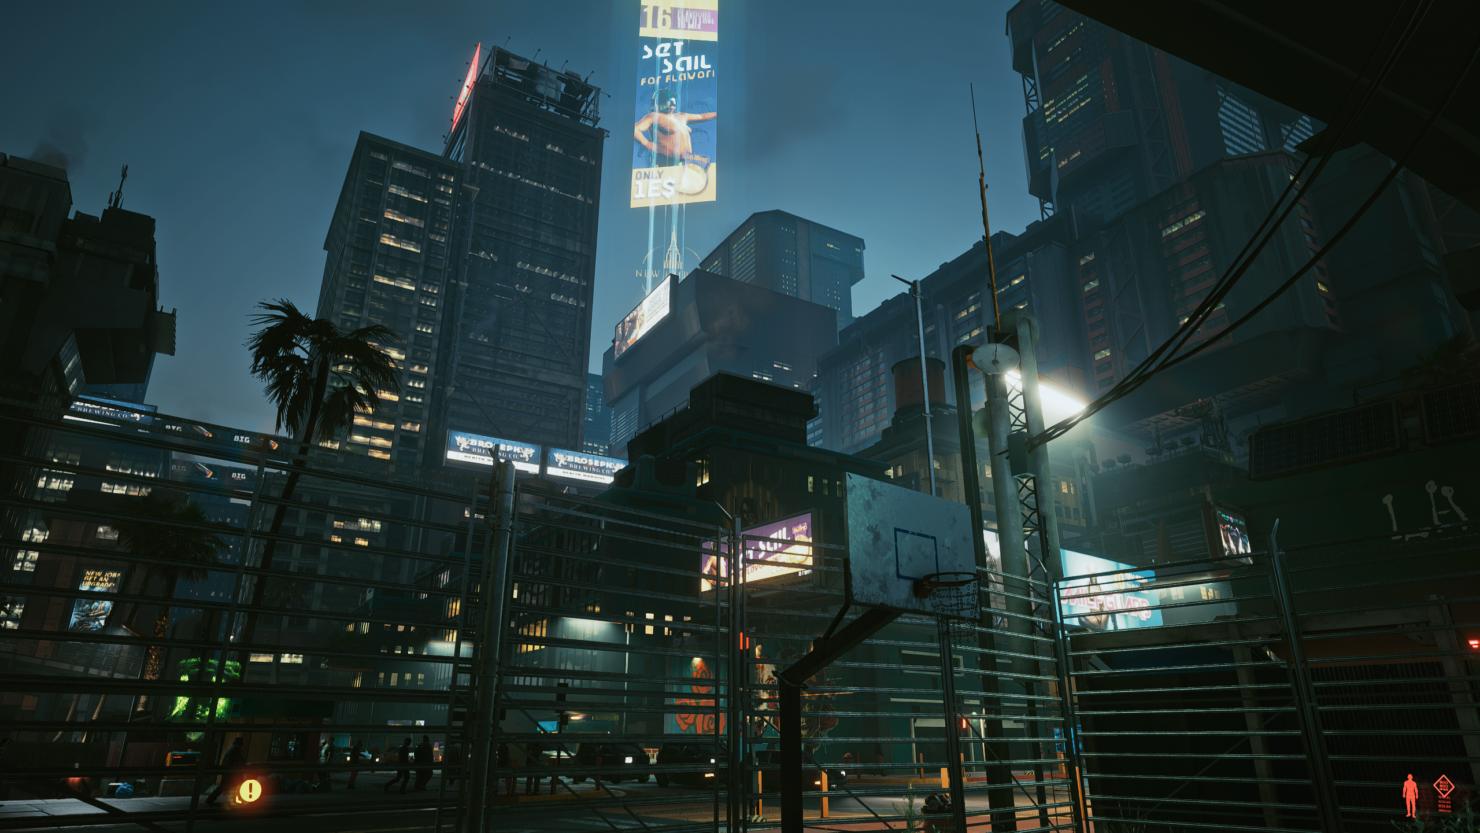 《赛博朋克2077》画质MOD:模拟HDR、色彩更饱和